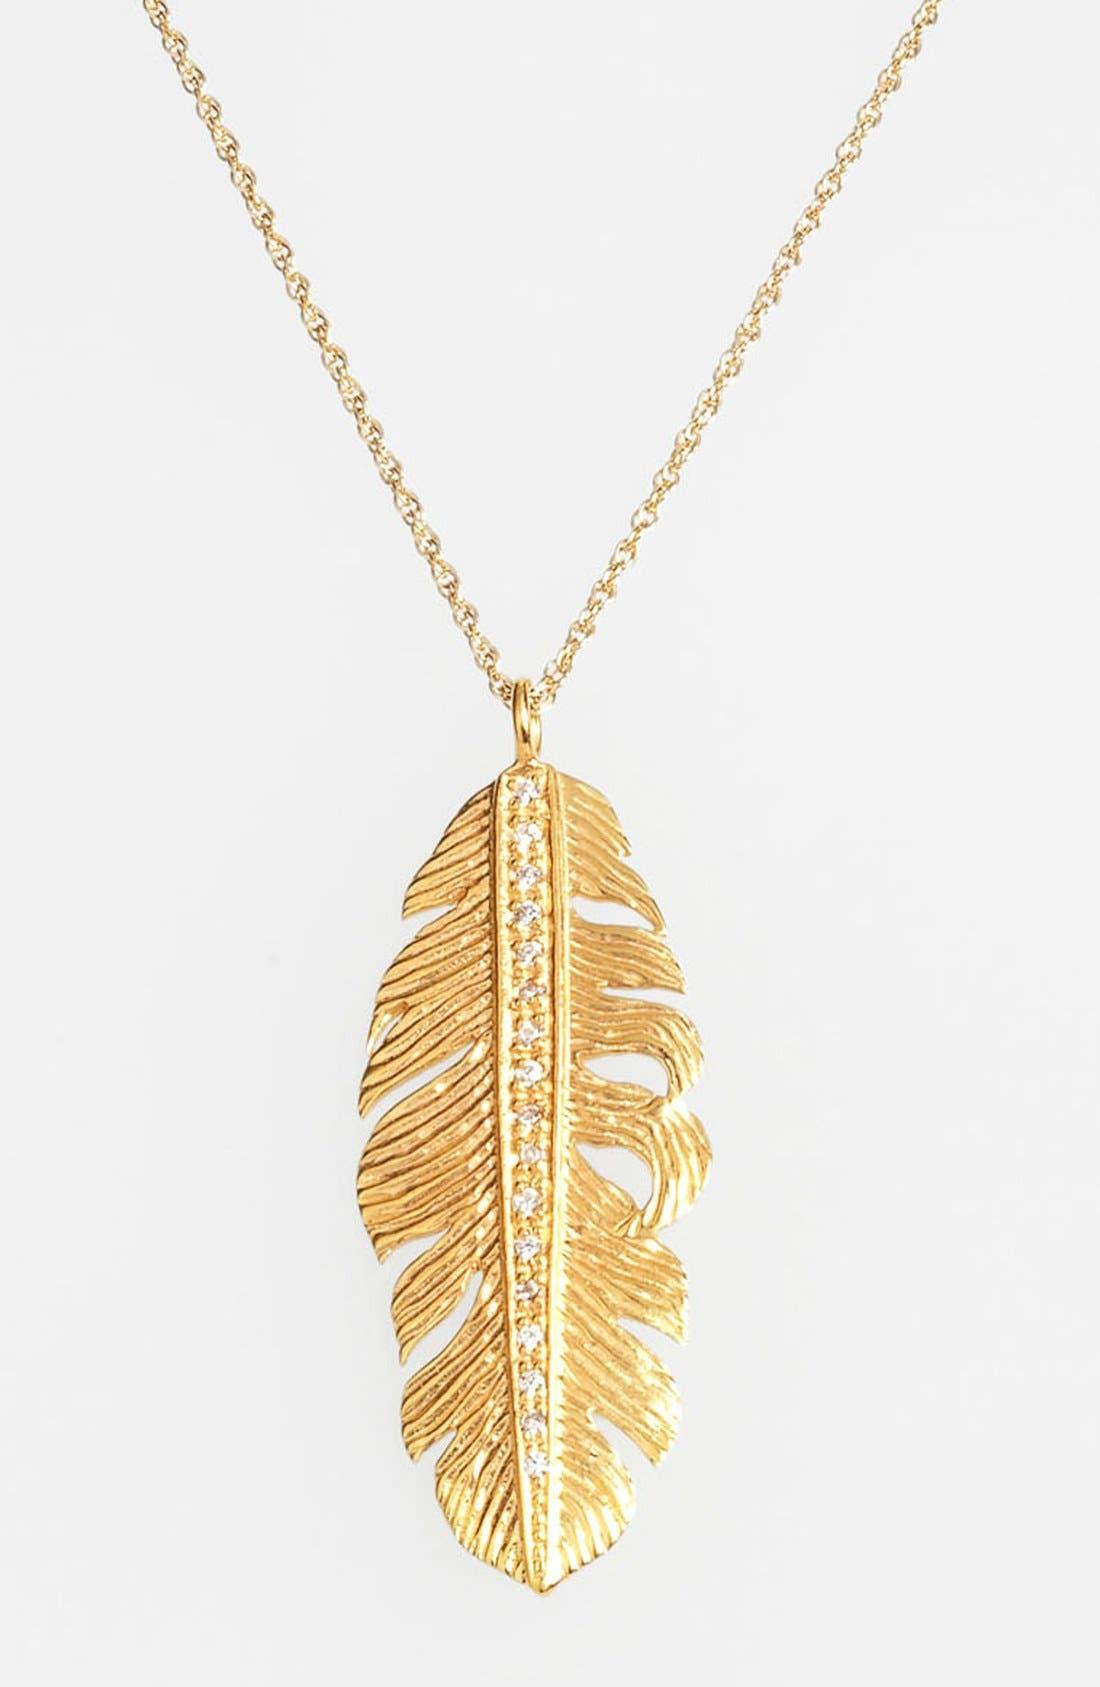 Alternate Image 1 Selected - Melinda Maria Large Feather Pendant Necklace